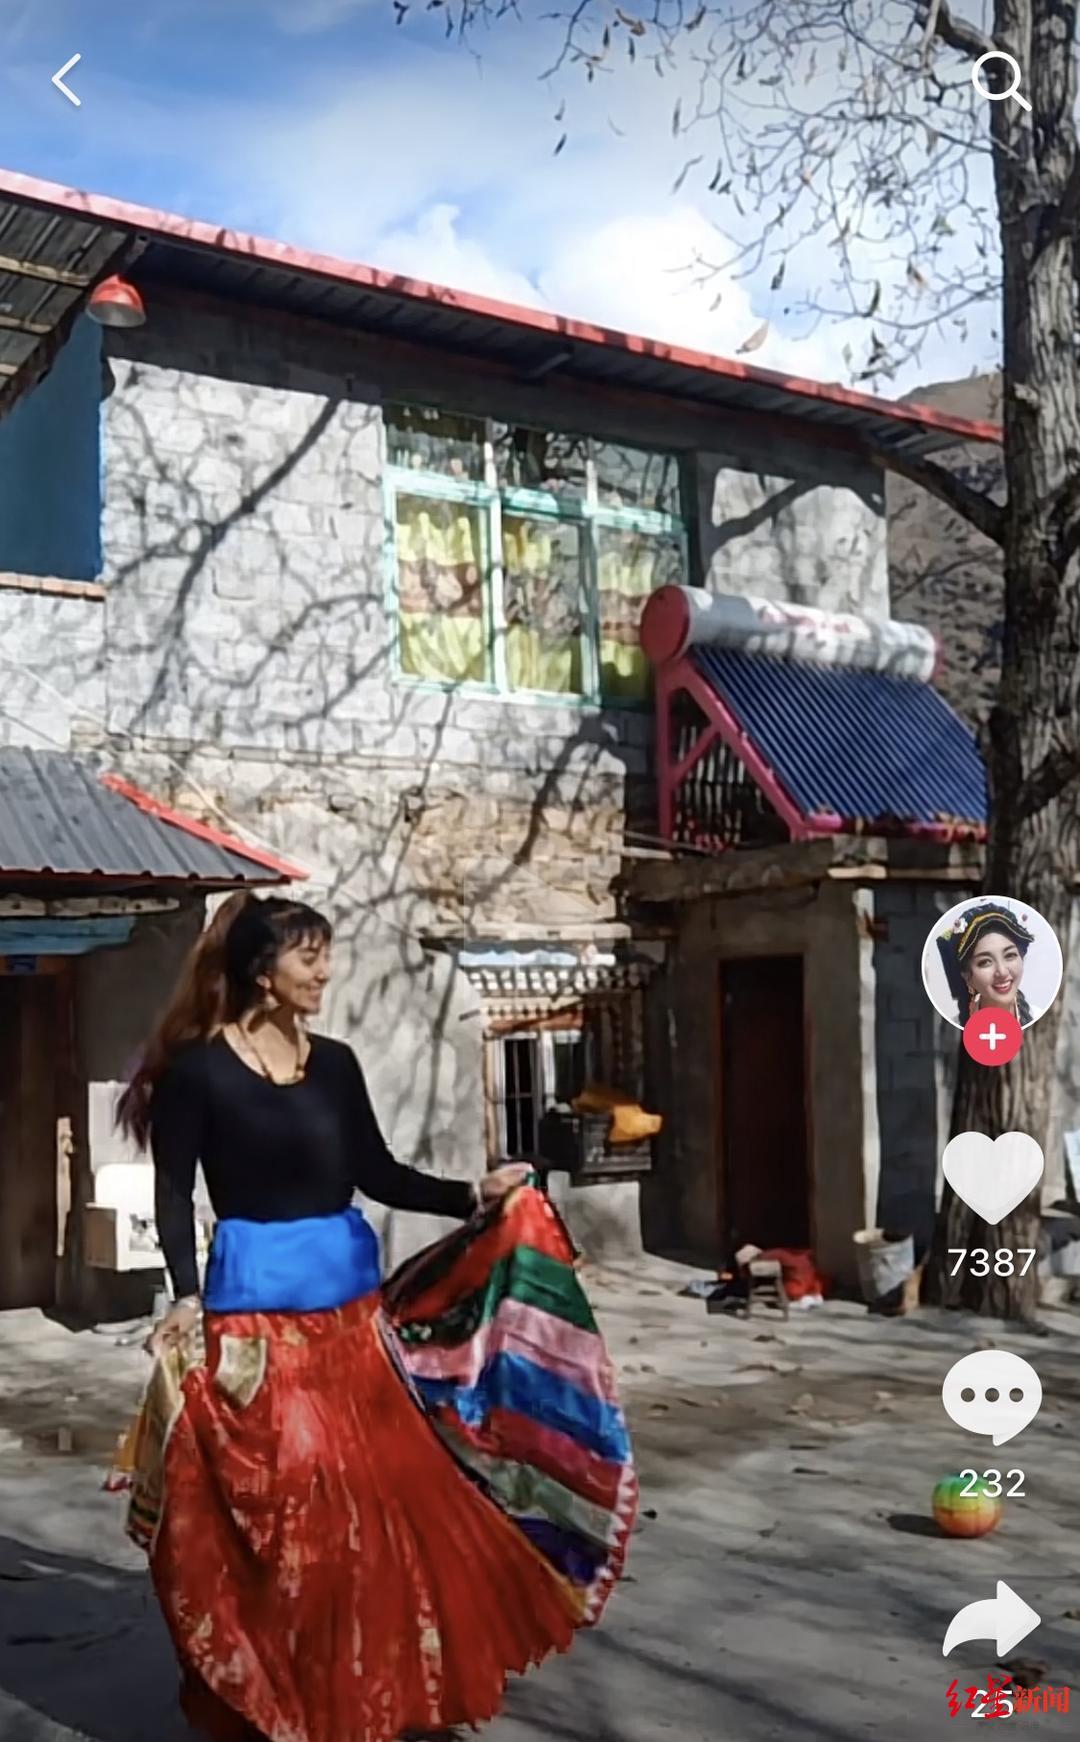 【丁丁网南京】_拉姆葬礼在四川阿坝举行 家人:房子被烧毁暂借寺庙送她最后一程